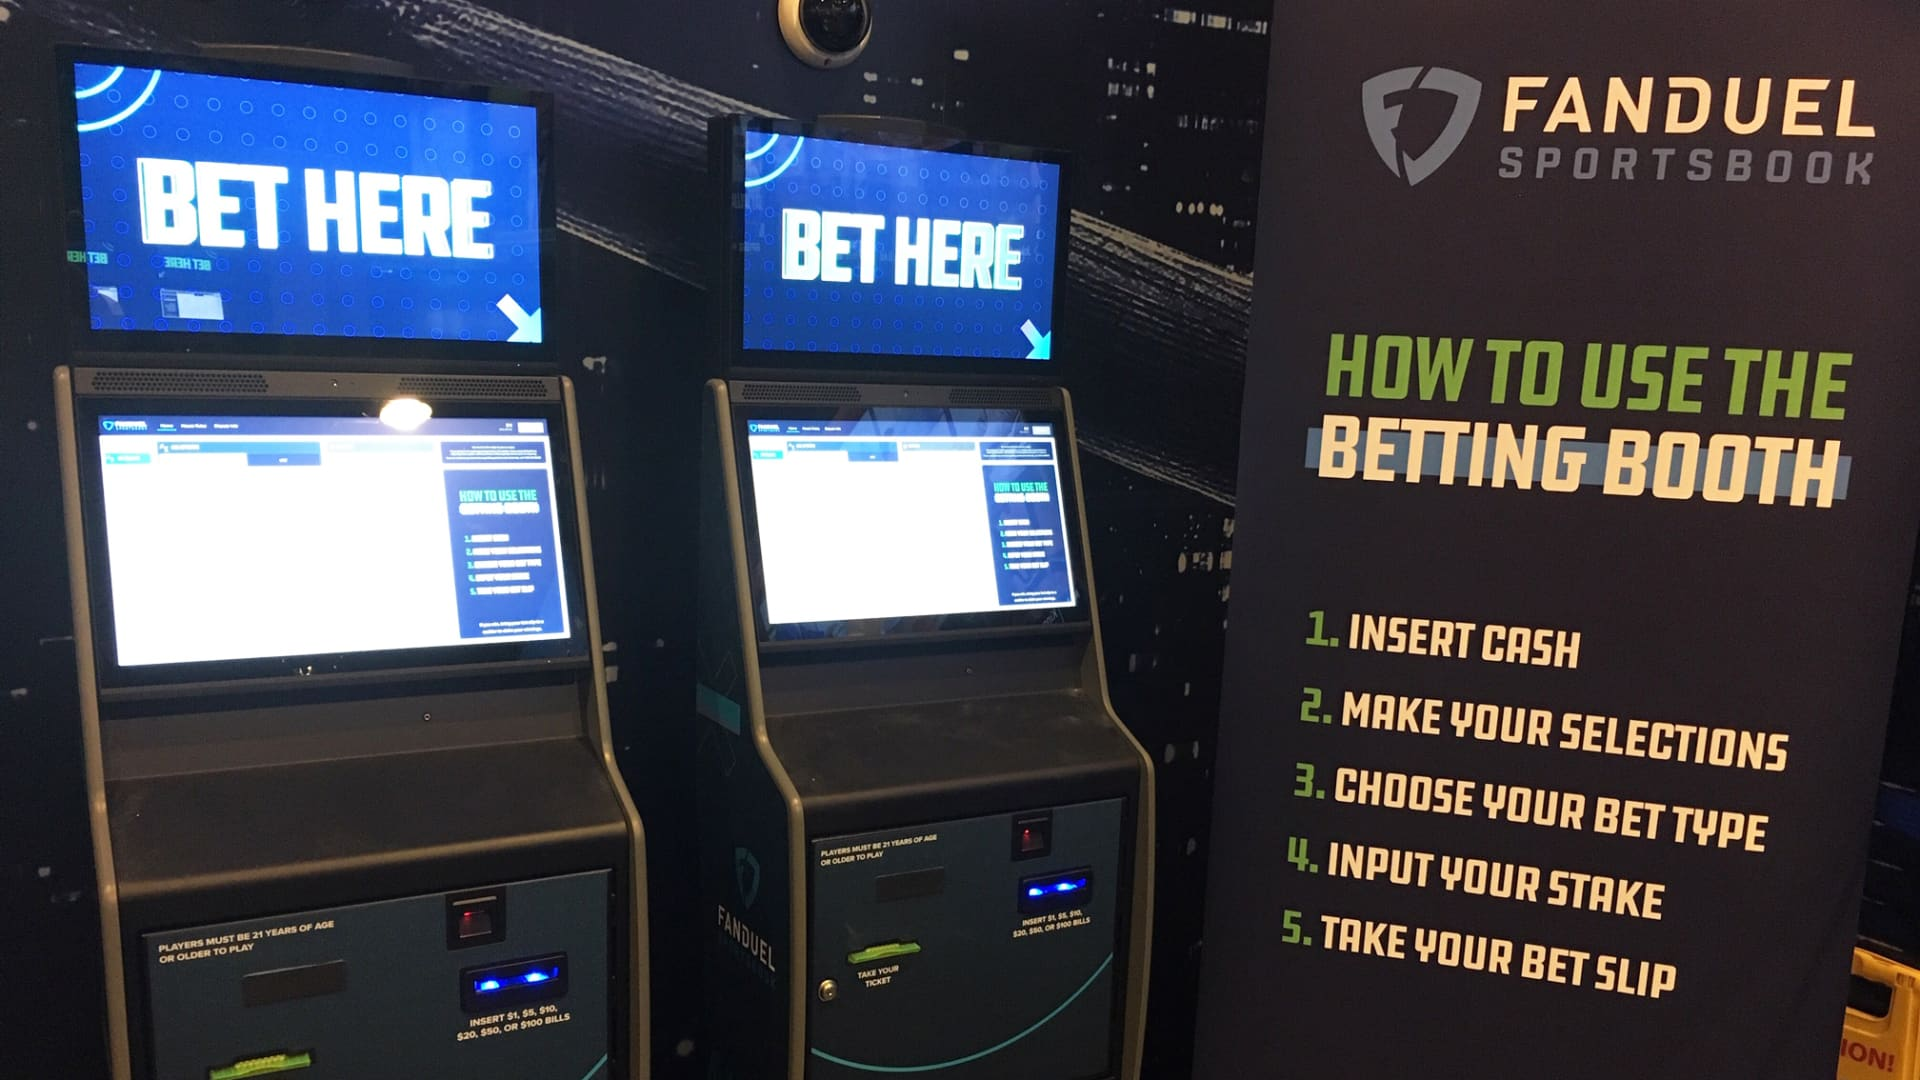 FanDuel betting booths